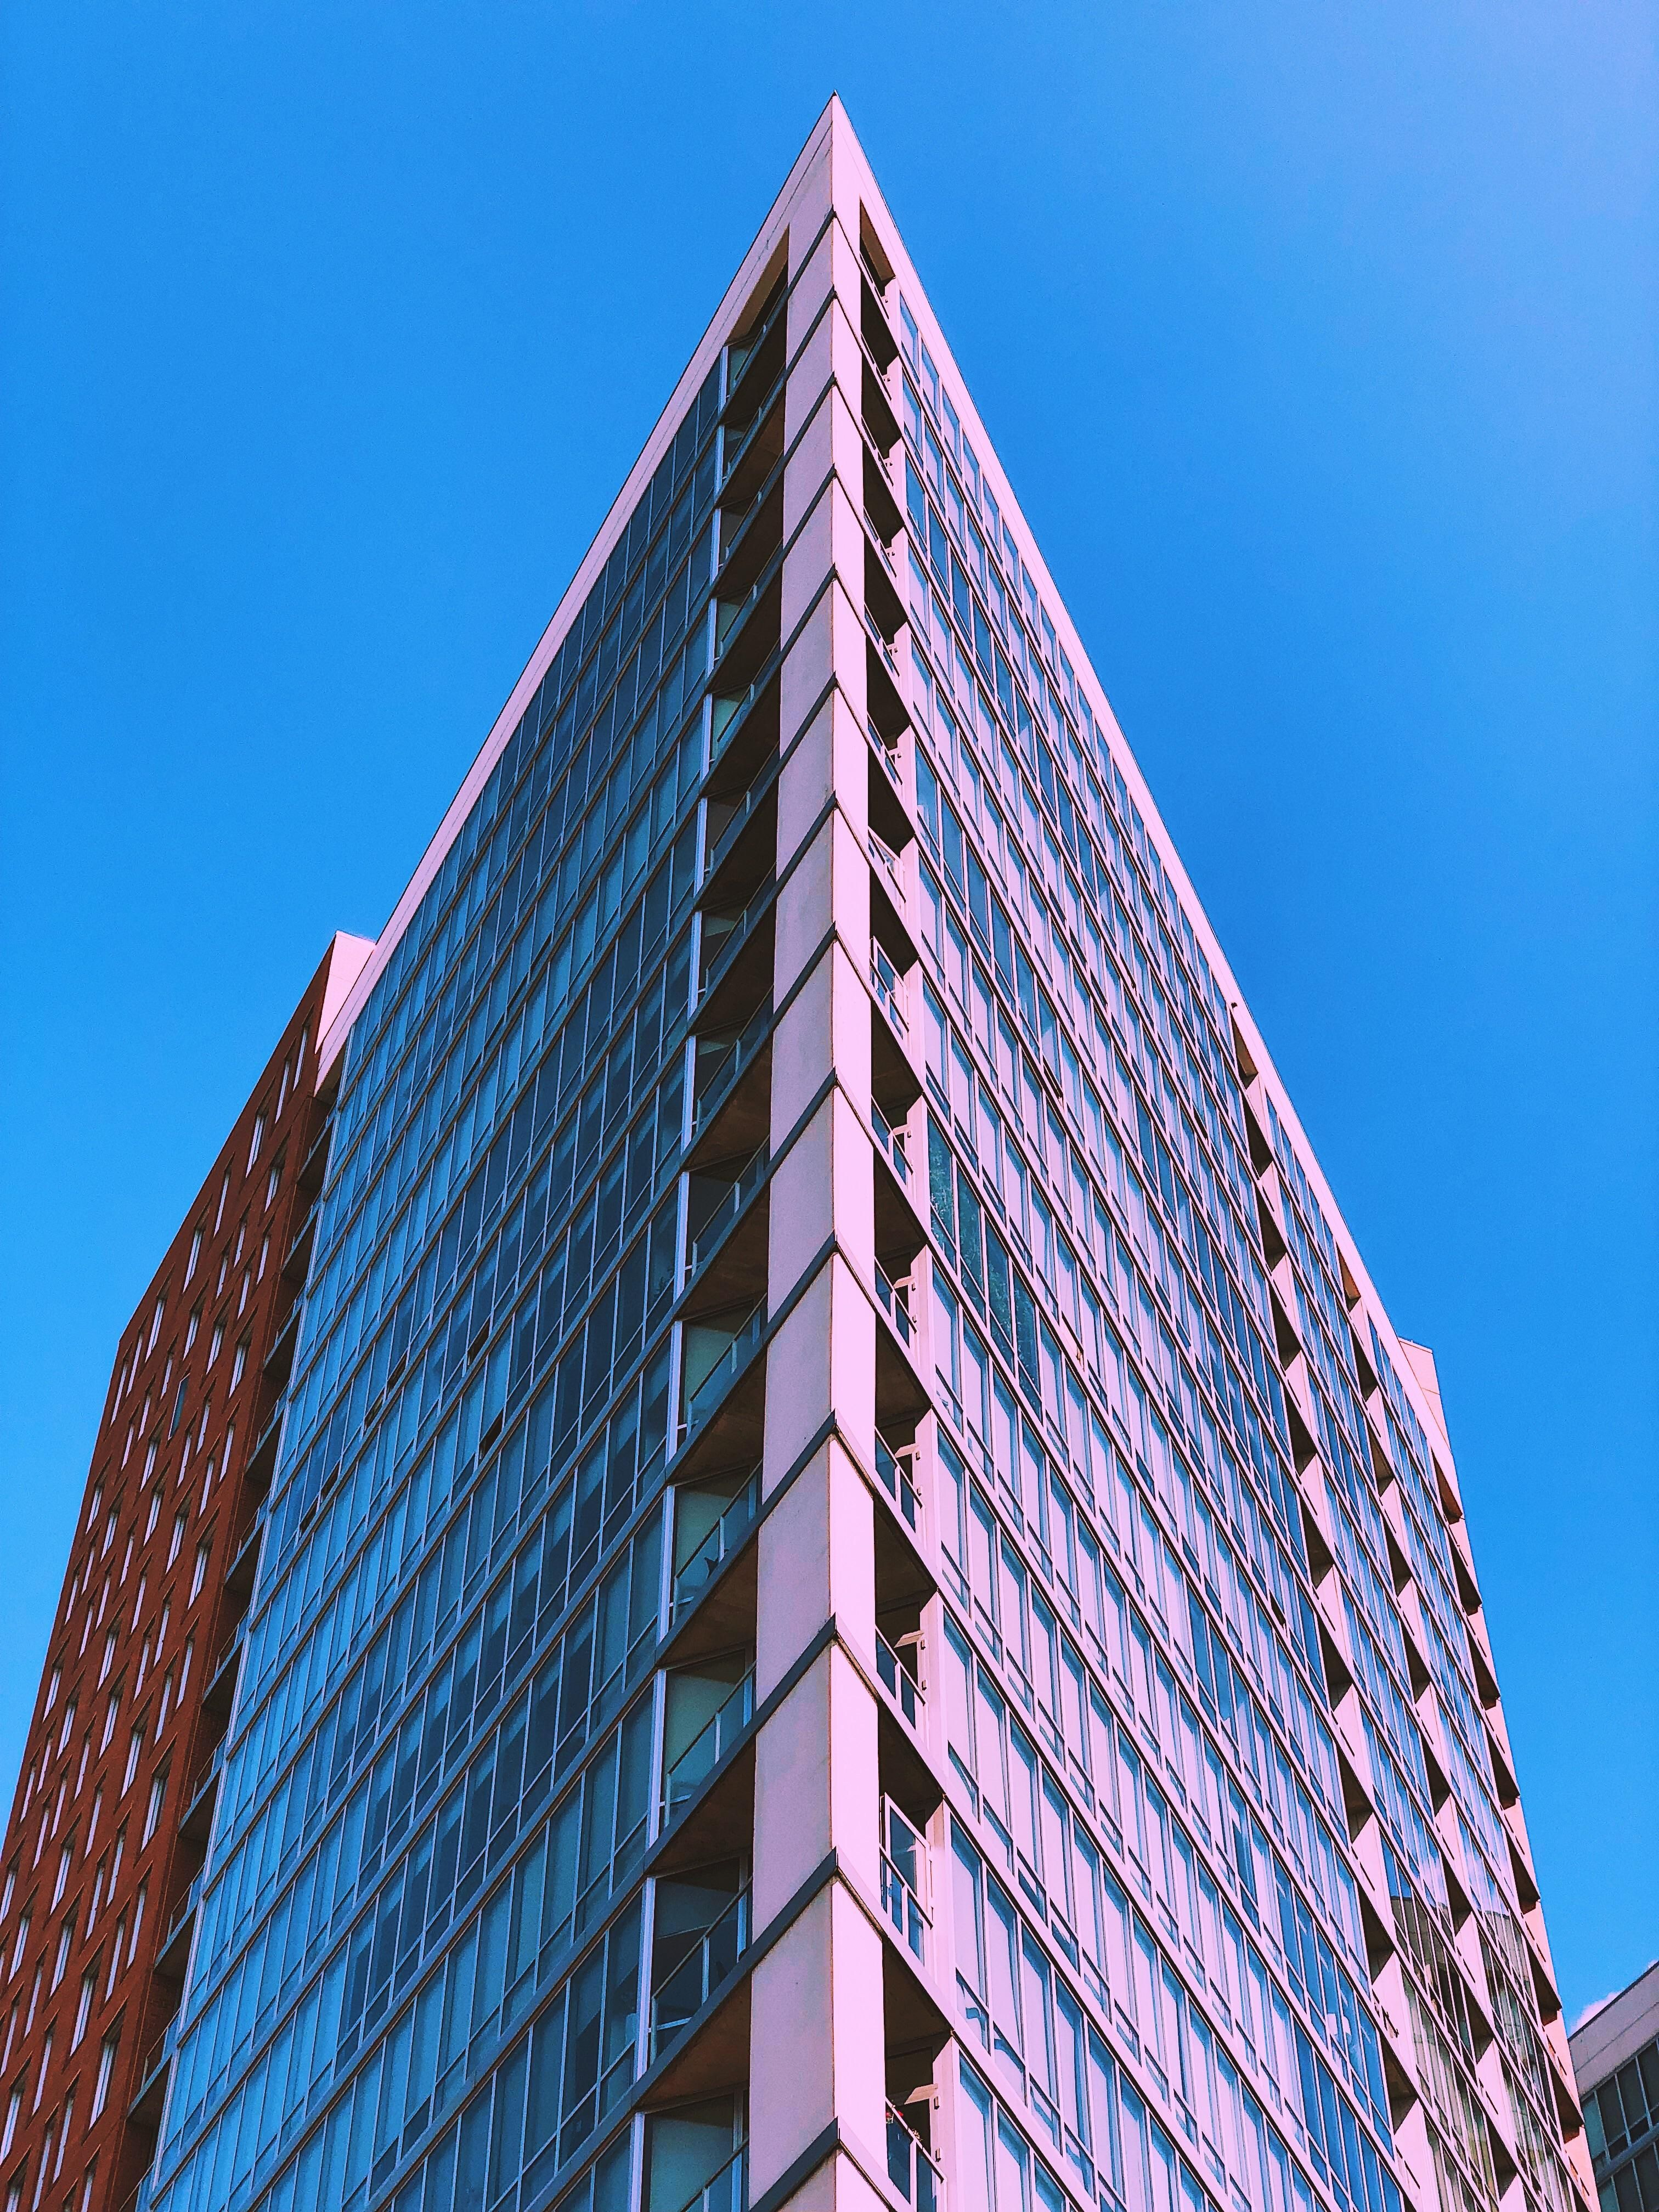 Architecture Oc Apartment Building In Milwaukee Wi 3024 X 4032 Apartment Building Building Architecture